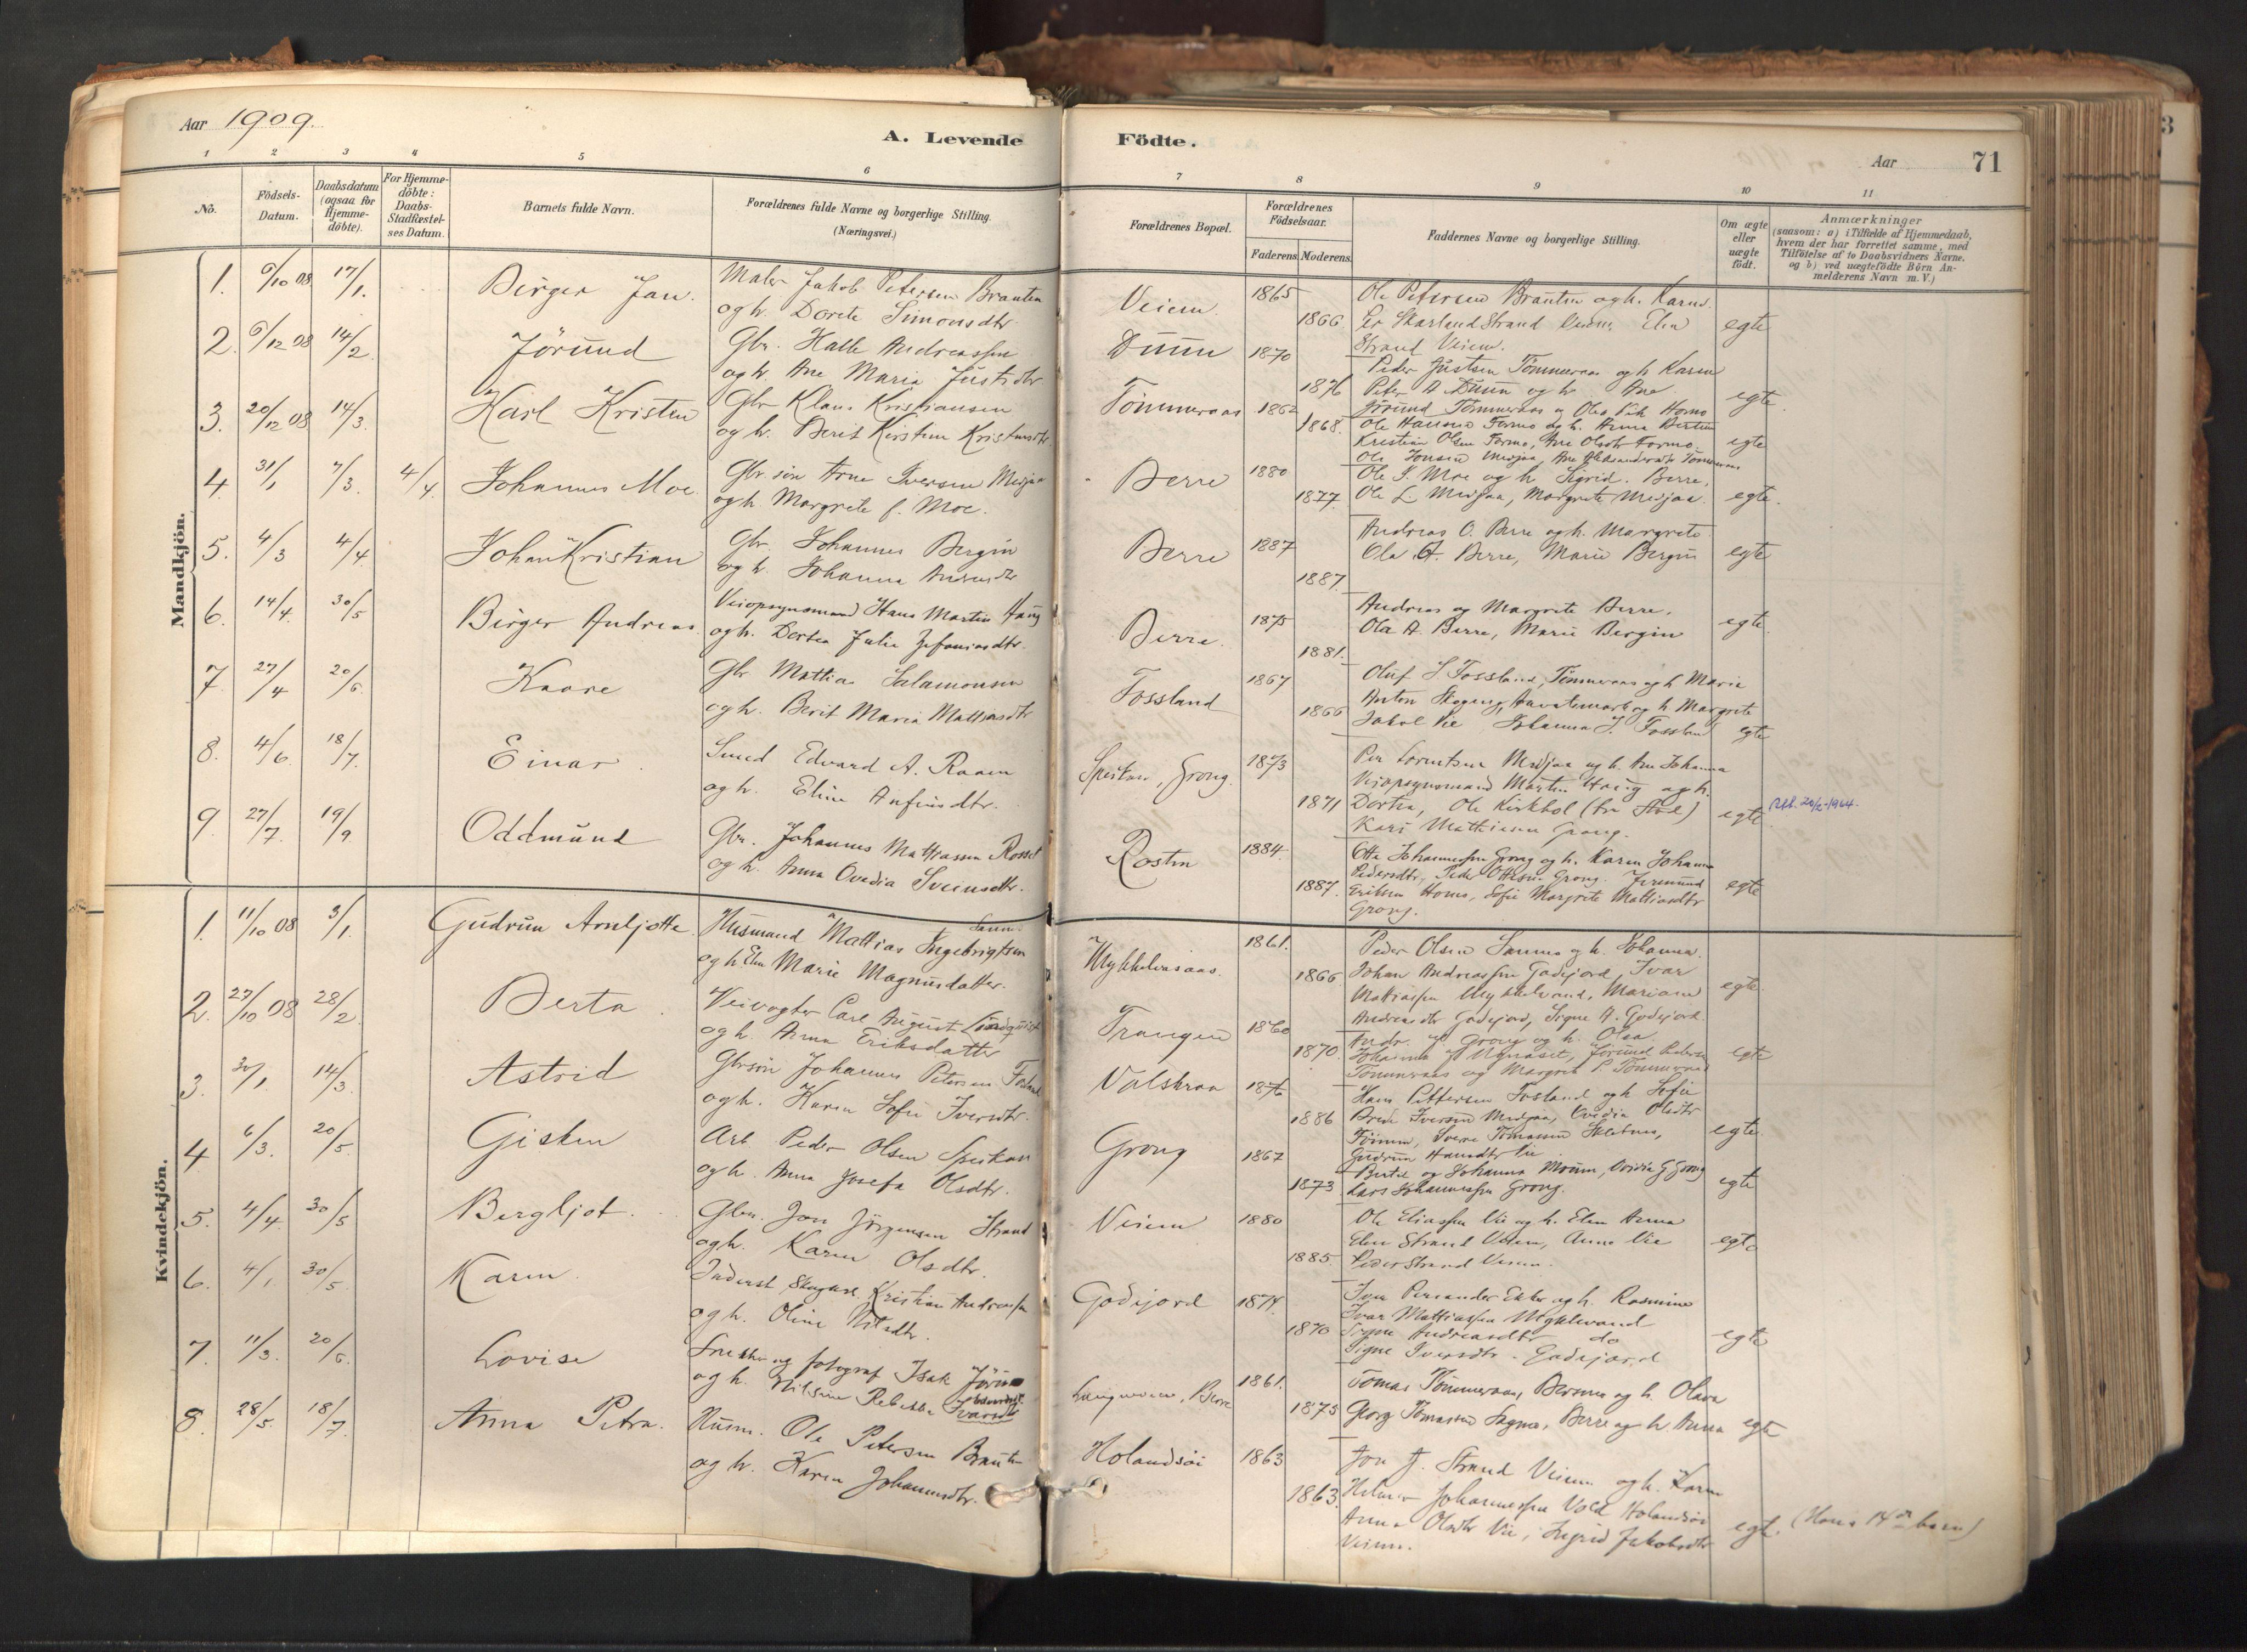 SAT, Ministerialprotokoller, klokkerbøker og fødselsregistre - Nord-Trøndelag, 758/L0519: Ministerialbok nr. 758A04, 1880-1926, s. 71